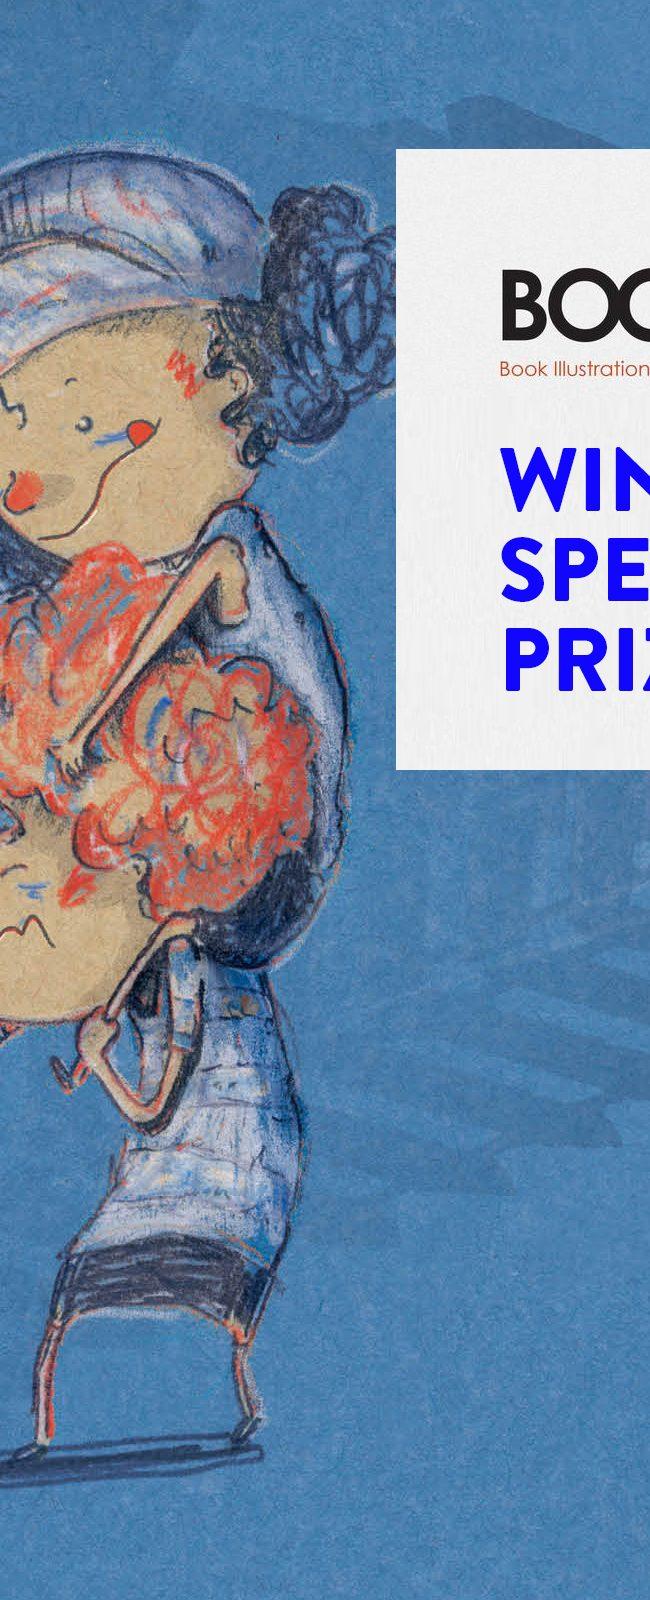 Special Prize in Servië!